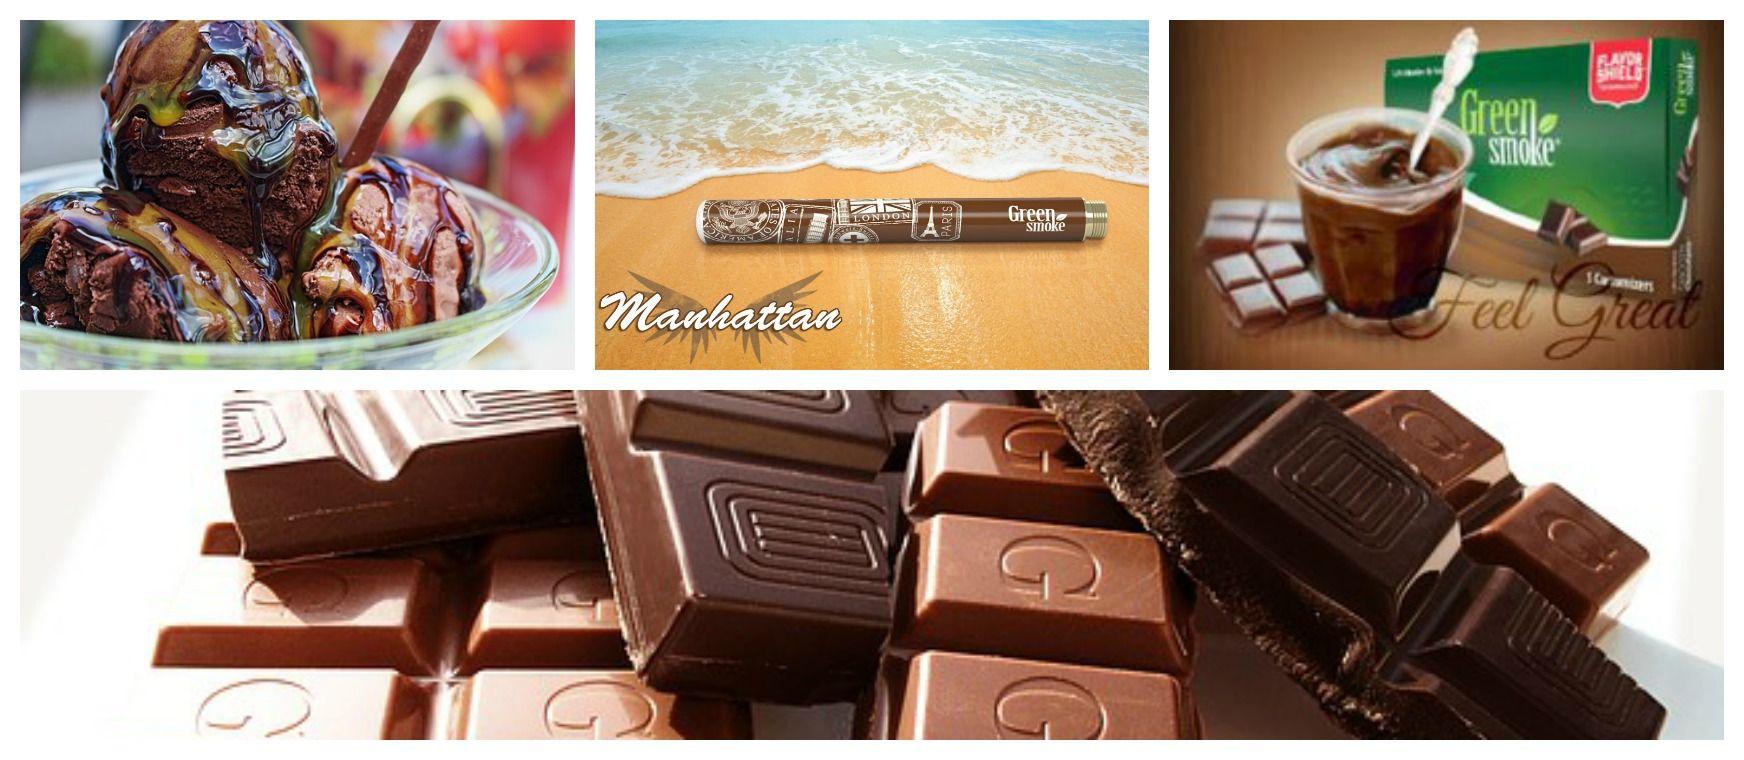 """SMOOTH CHOCOLATE™ - Tämä """"suklaasavu"""" tyydyttää makeannälkäsi – ilman hiilihydraatteja tai sokeria! http://www.green-smoke.fi/summer-delight.html"""